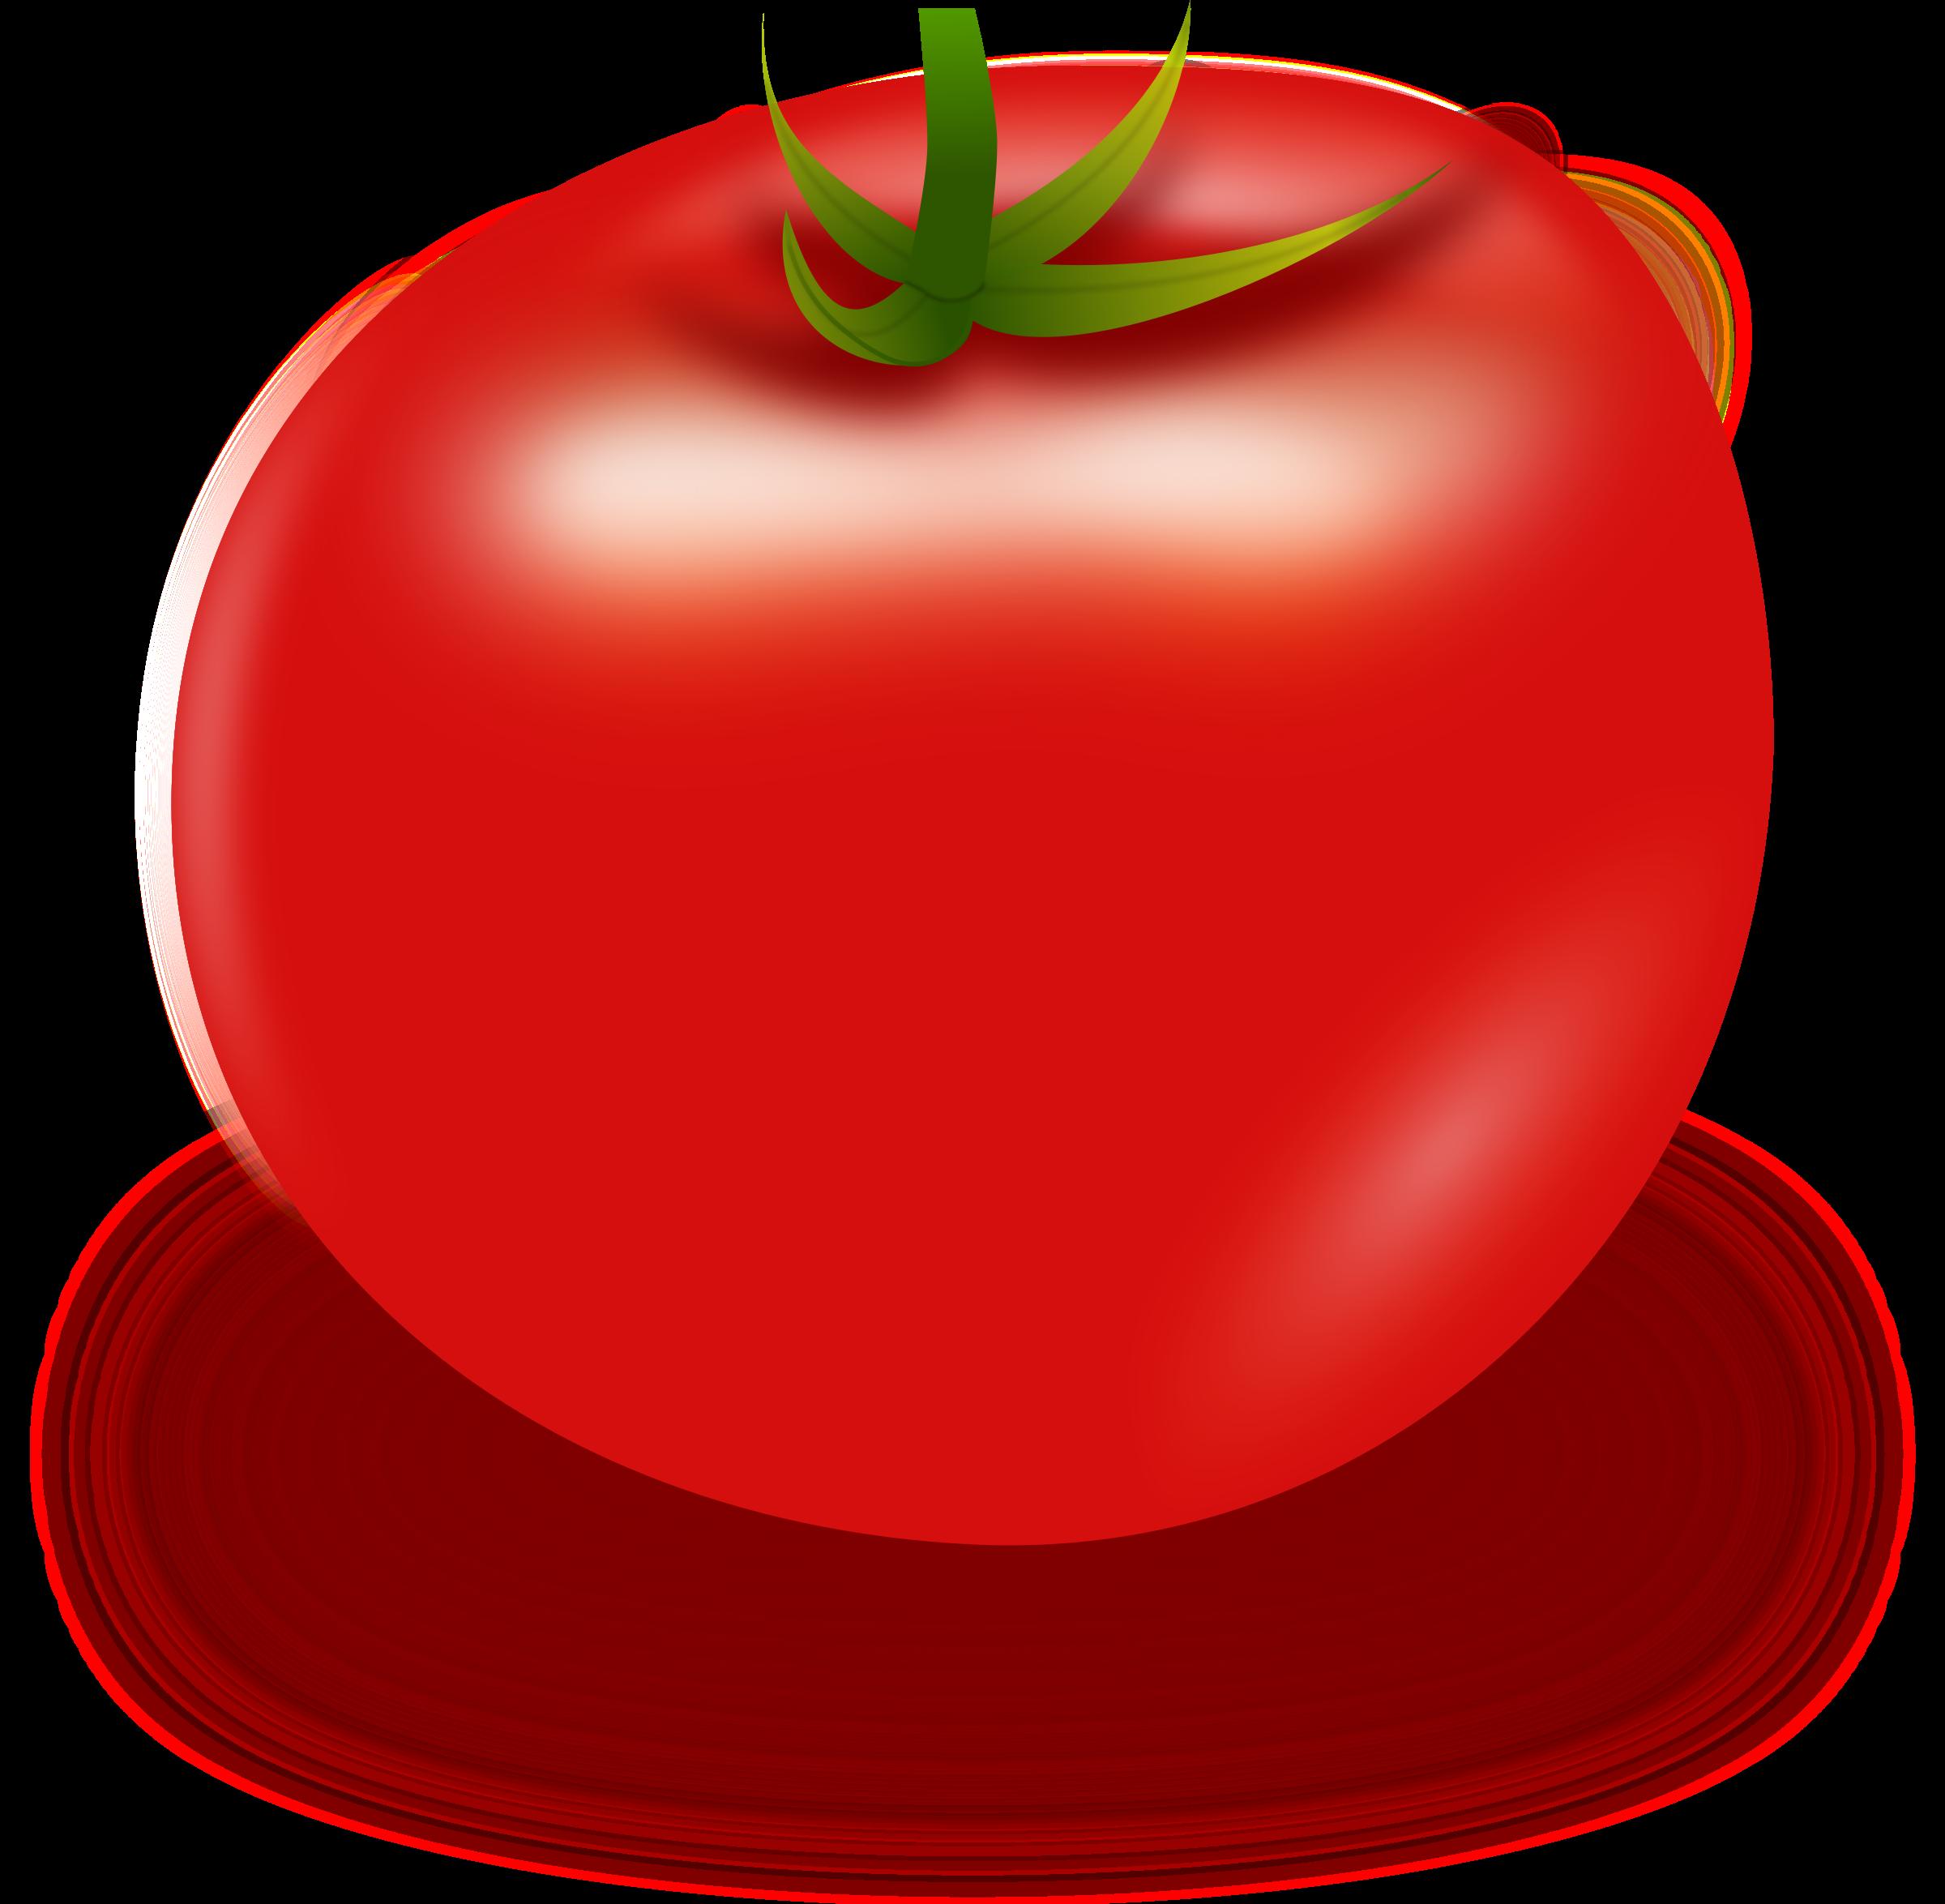 Tomato clipart Clipart Tomato Picture ClipartMe 690